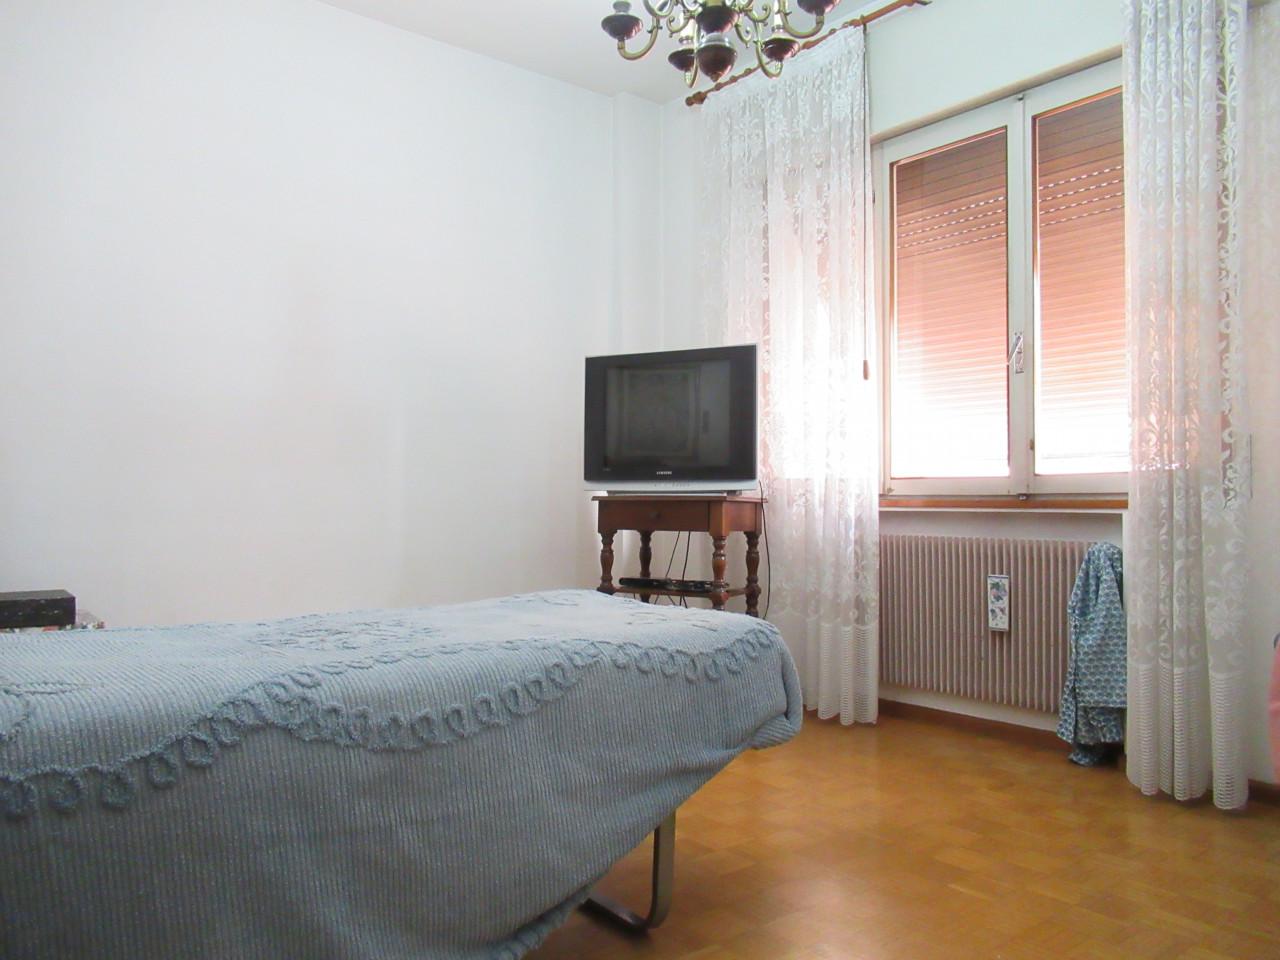 Appartamento 114 mq calpestabili - 3 camere 2 bagni - garage 28 mq - CONEGLIANO (TV)